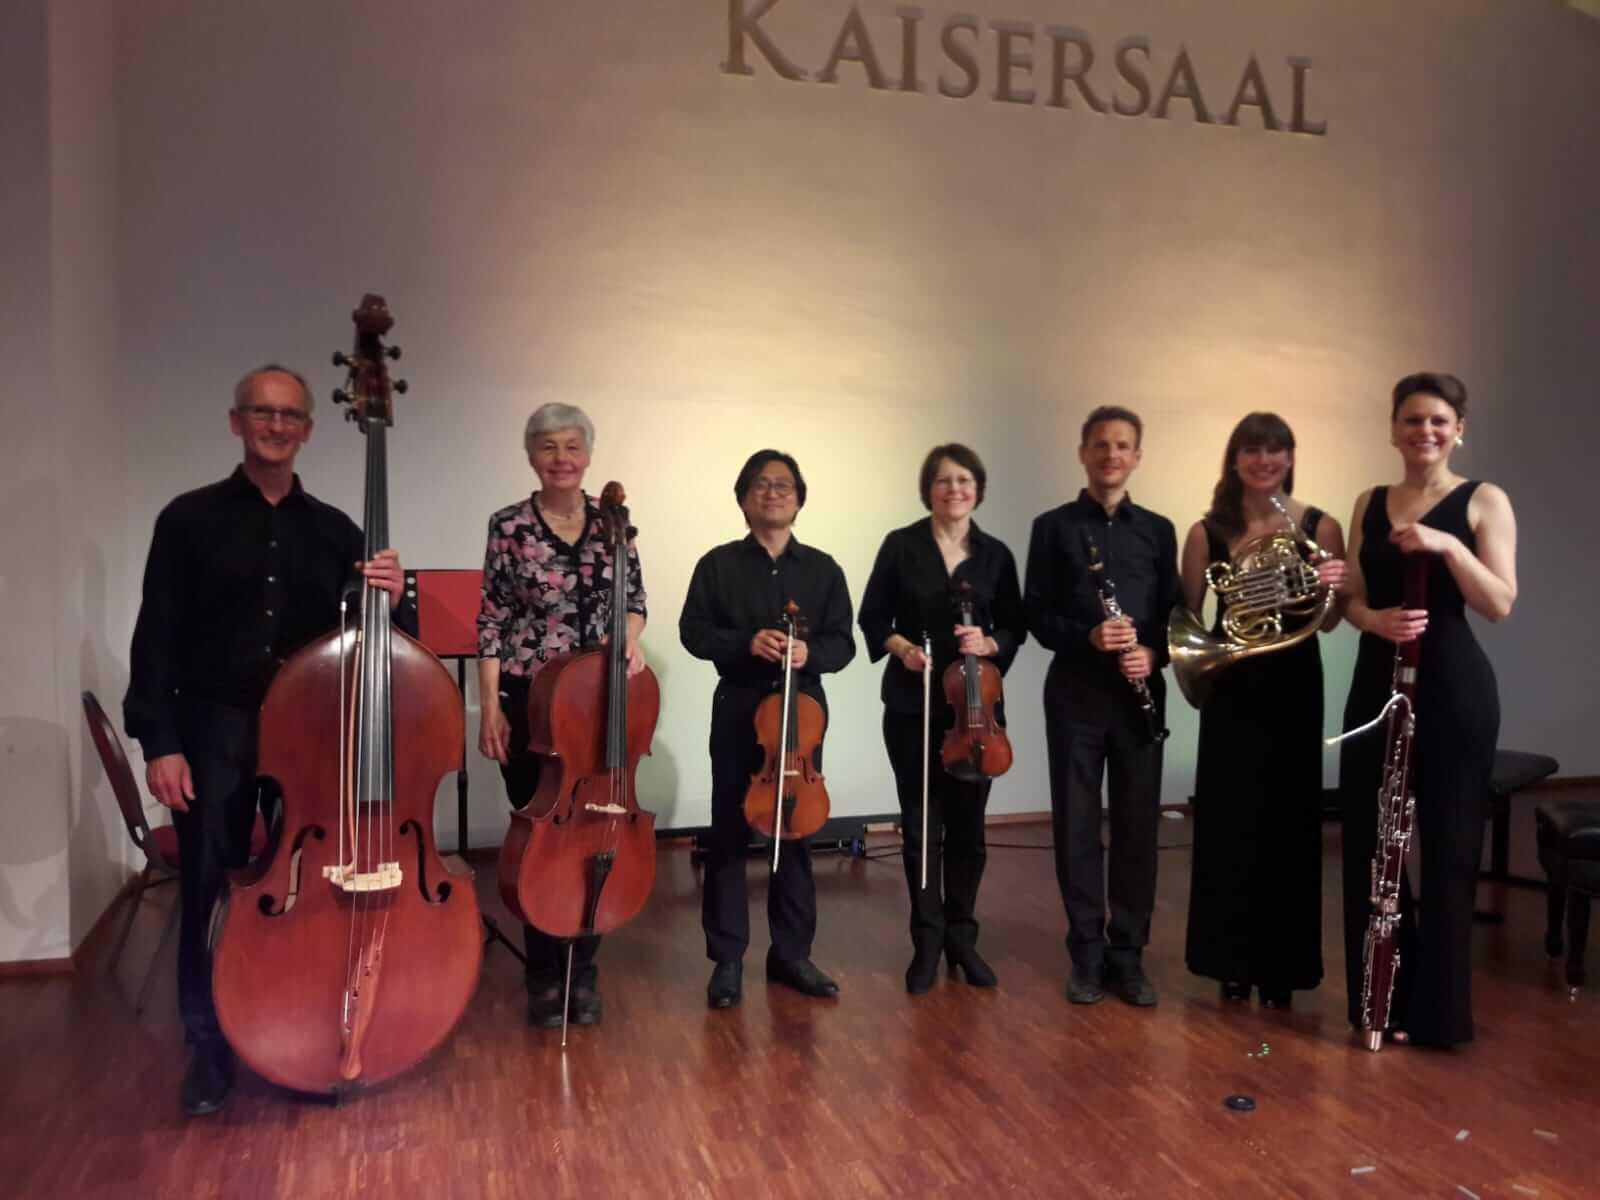 Künstlerfoto für Eröffnungskonzert der SAL am 5. Juli, 19:30 mit Werken von Beethoven